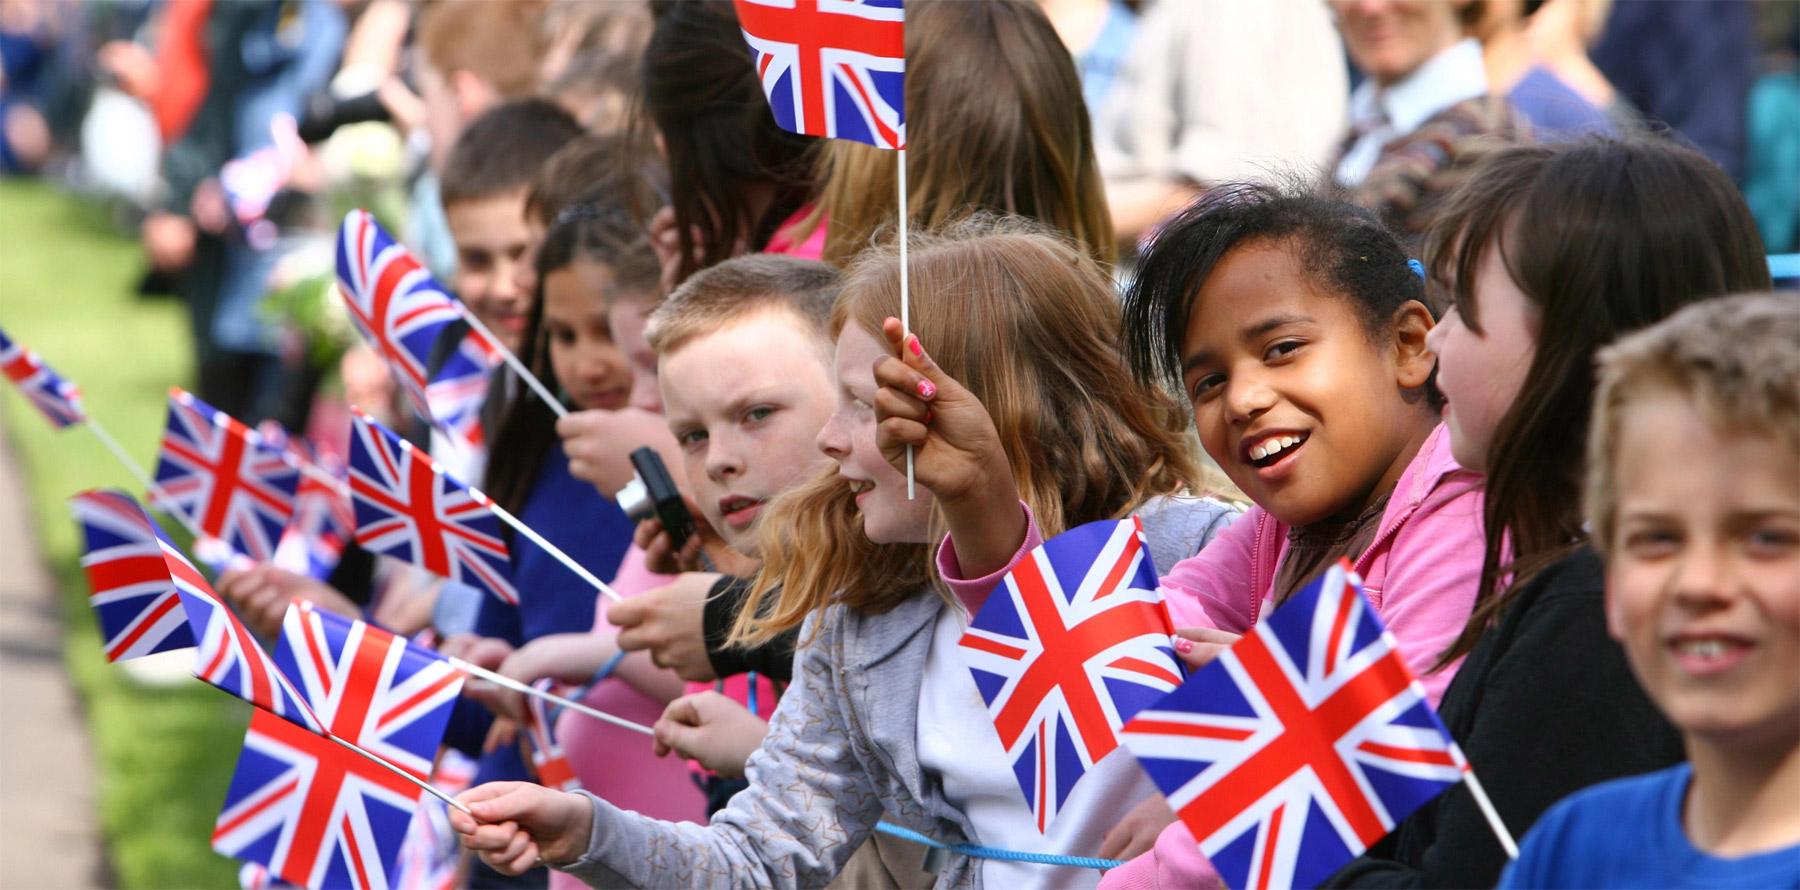 Mudanças na lei para familiares de britânicos